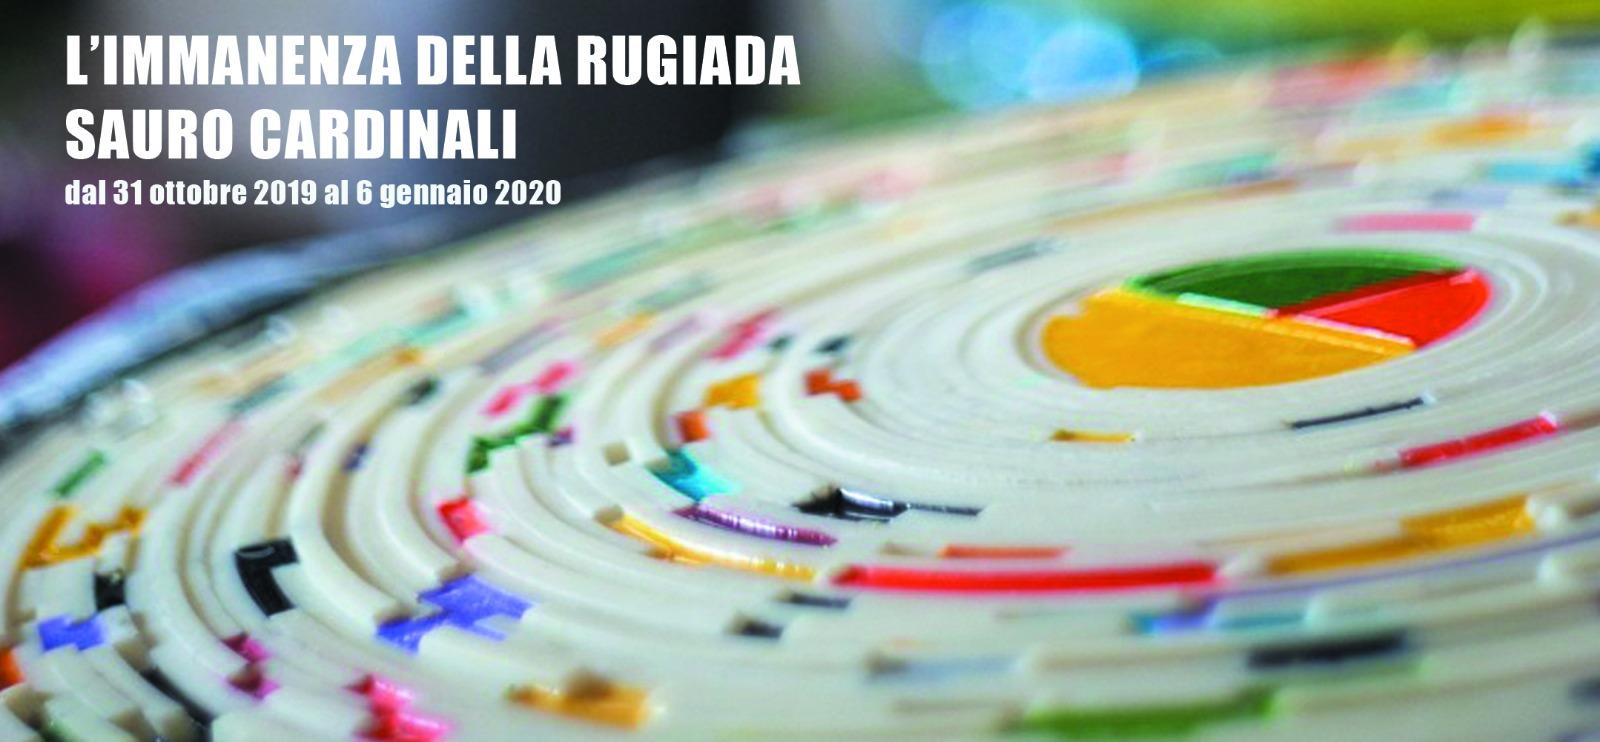 L'IMMANENZA DELLA RUGIADA. Sauro Cardinali (dal 31 ottobre 2019)